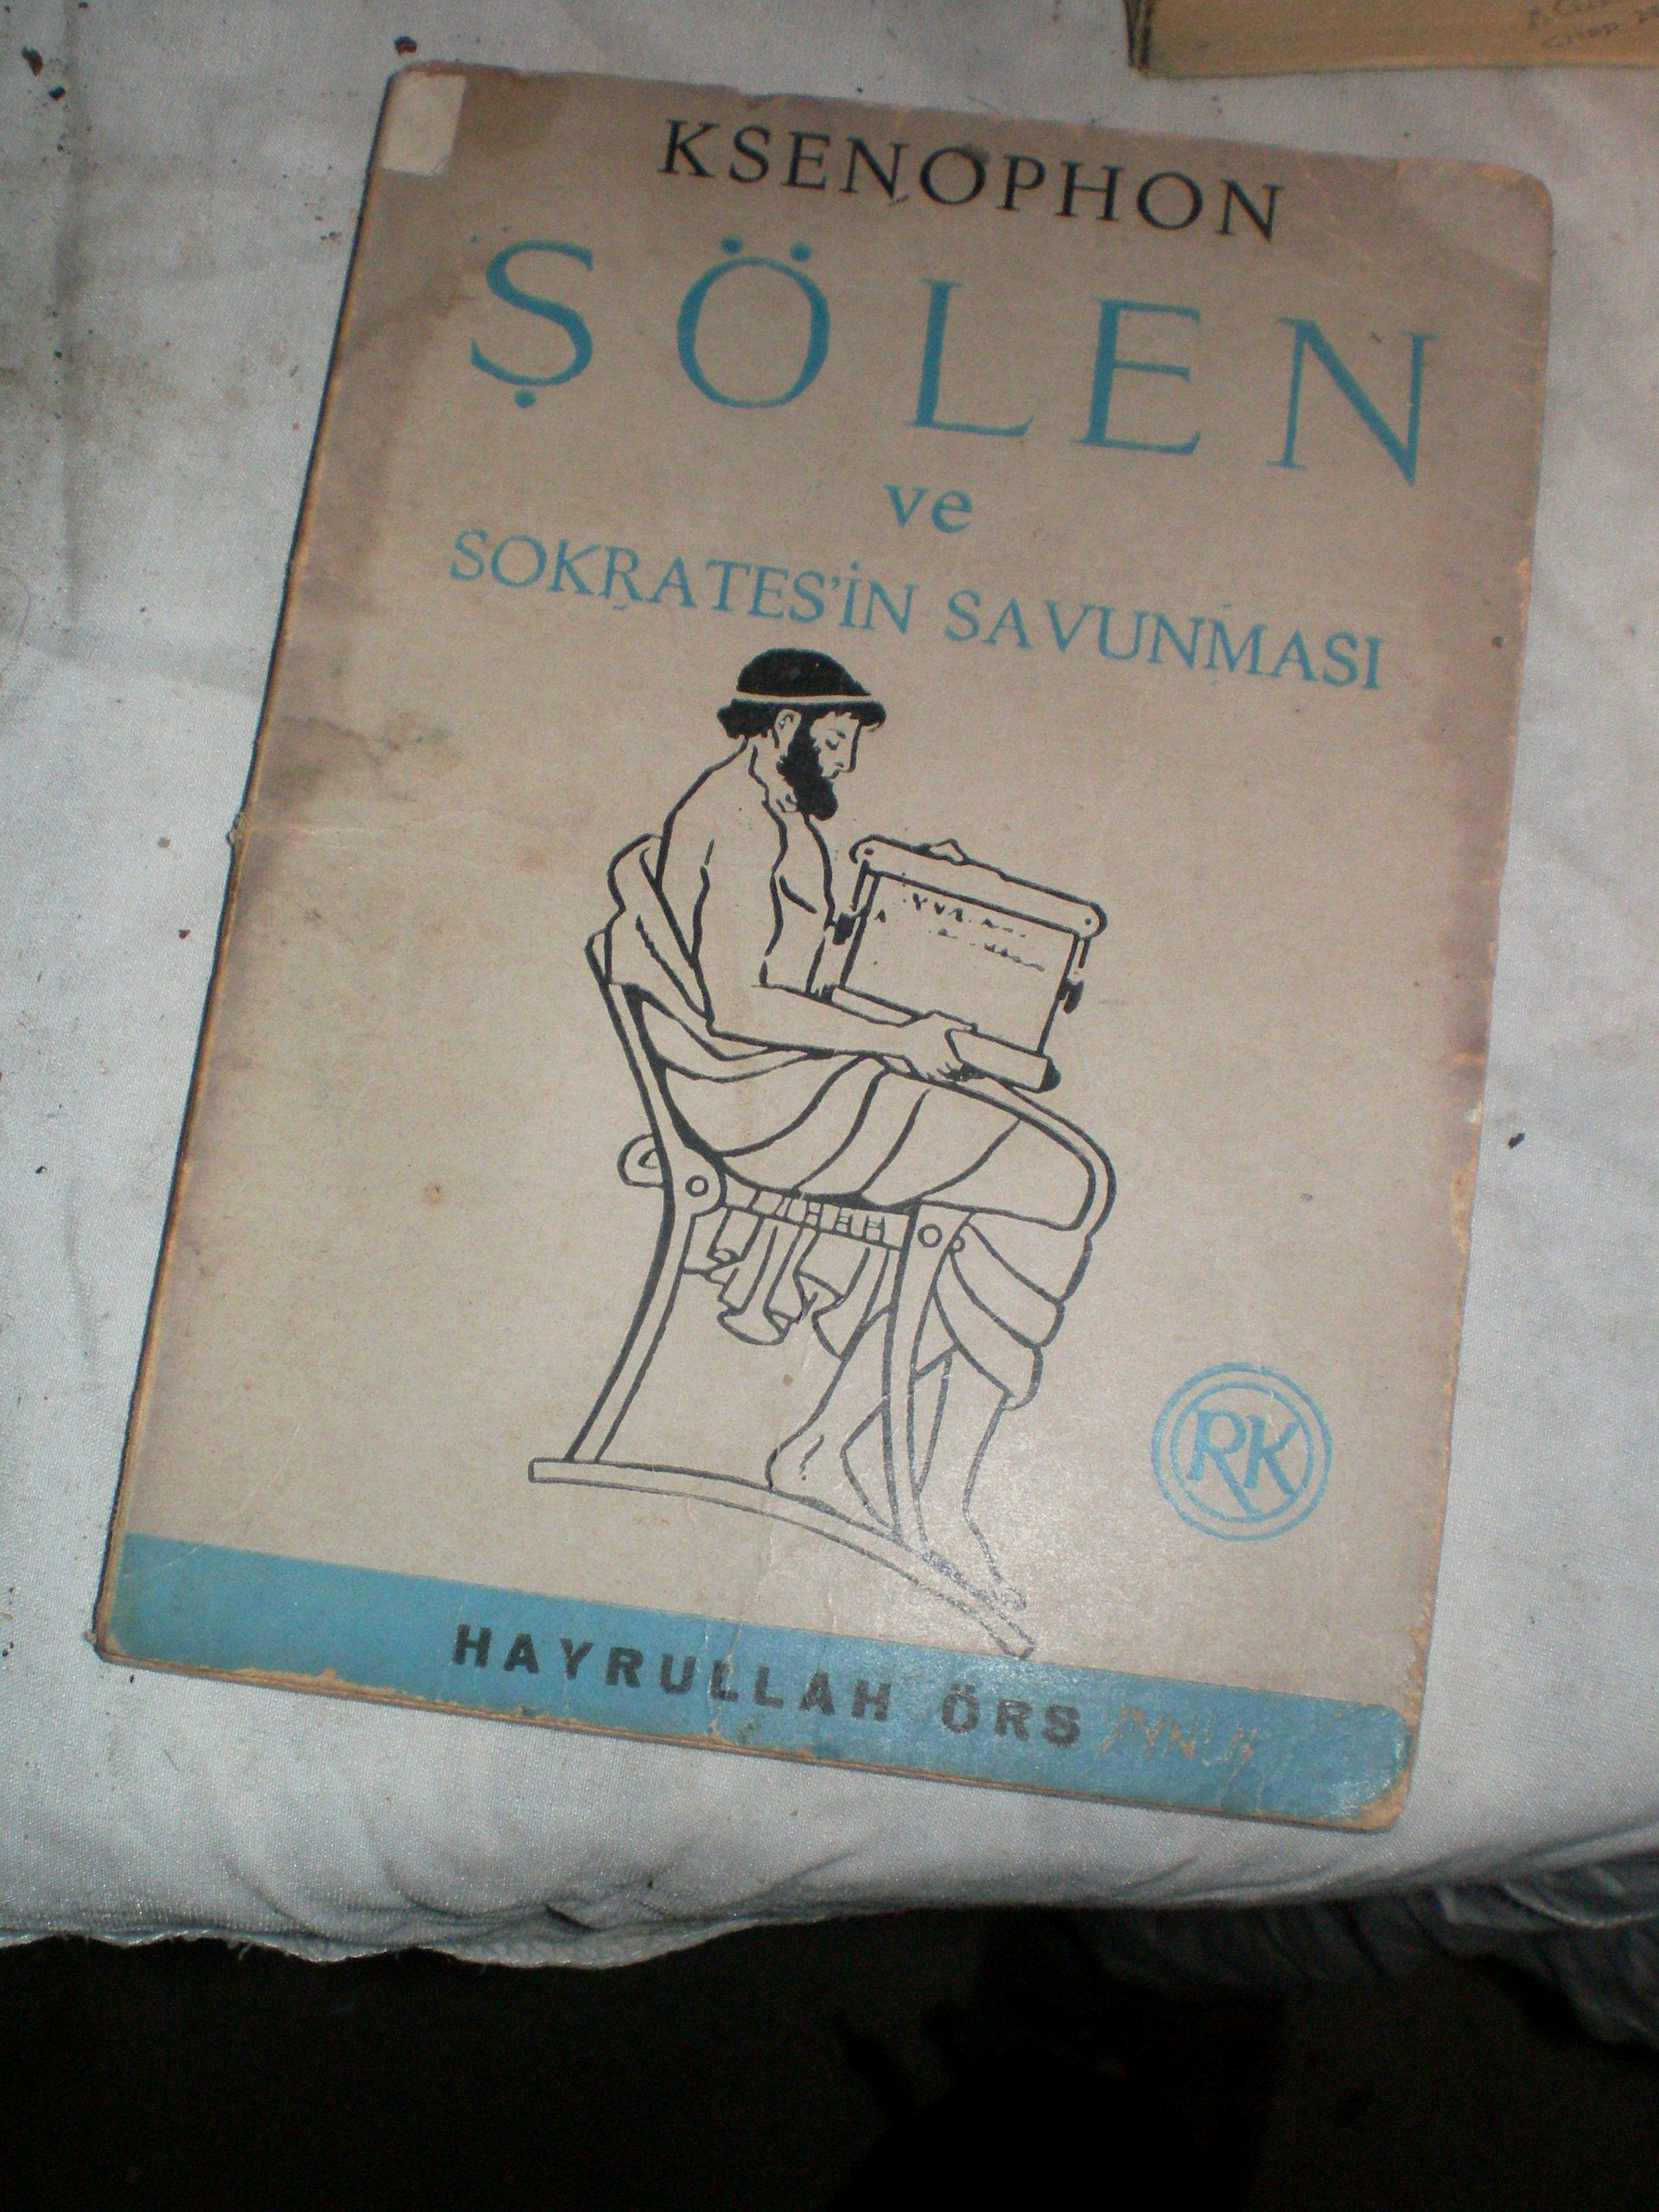 ŞÖLEN ve SOKRATESİN SAVUNMASI /KSENOPHON/10 TL